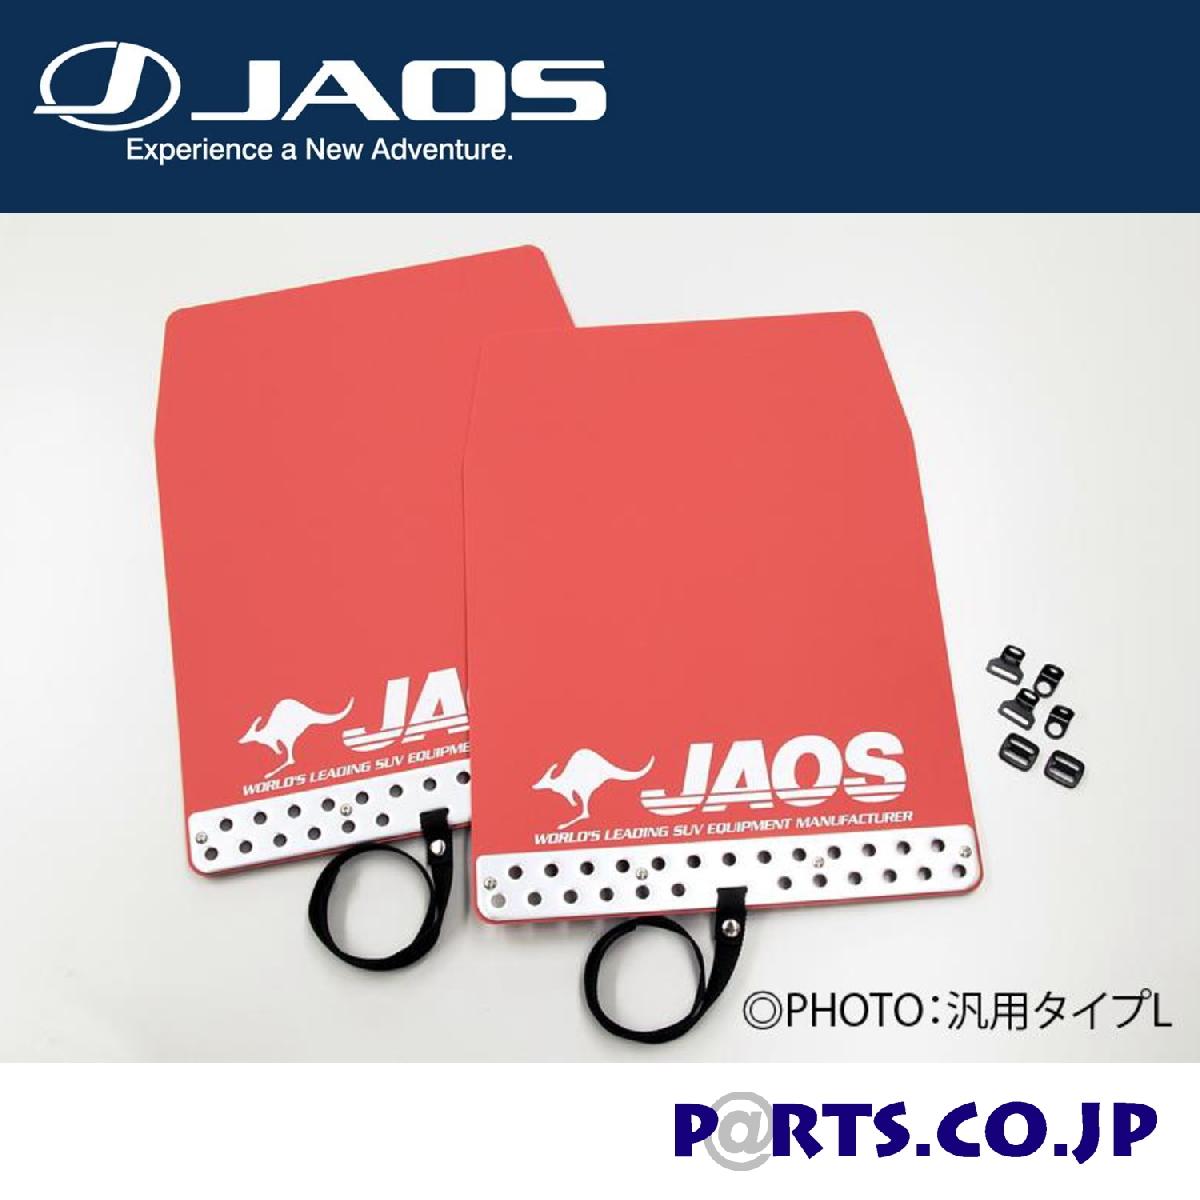 トヨタ ランドクルーザープラド フェンダー JAOS マッドガード3 リヤセット レッド プラド 150系